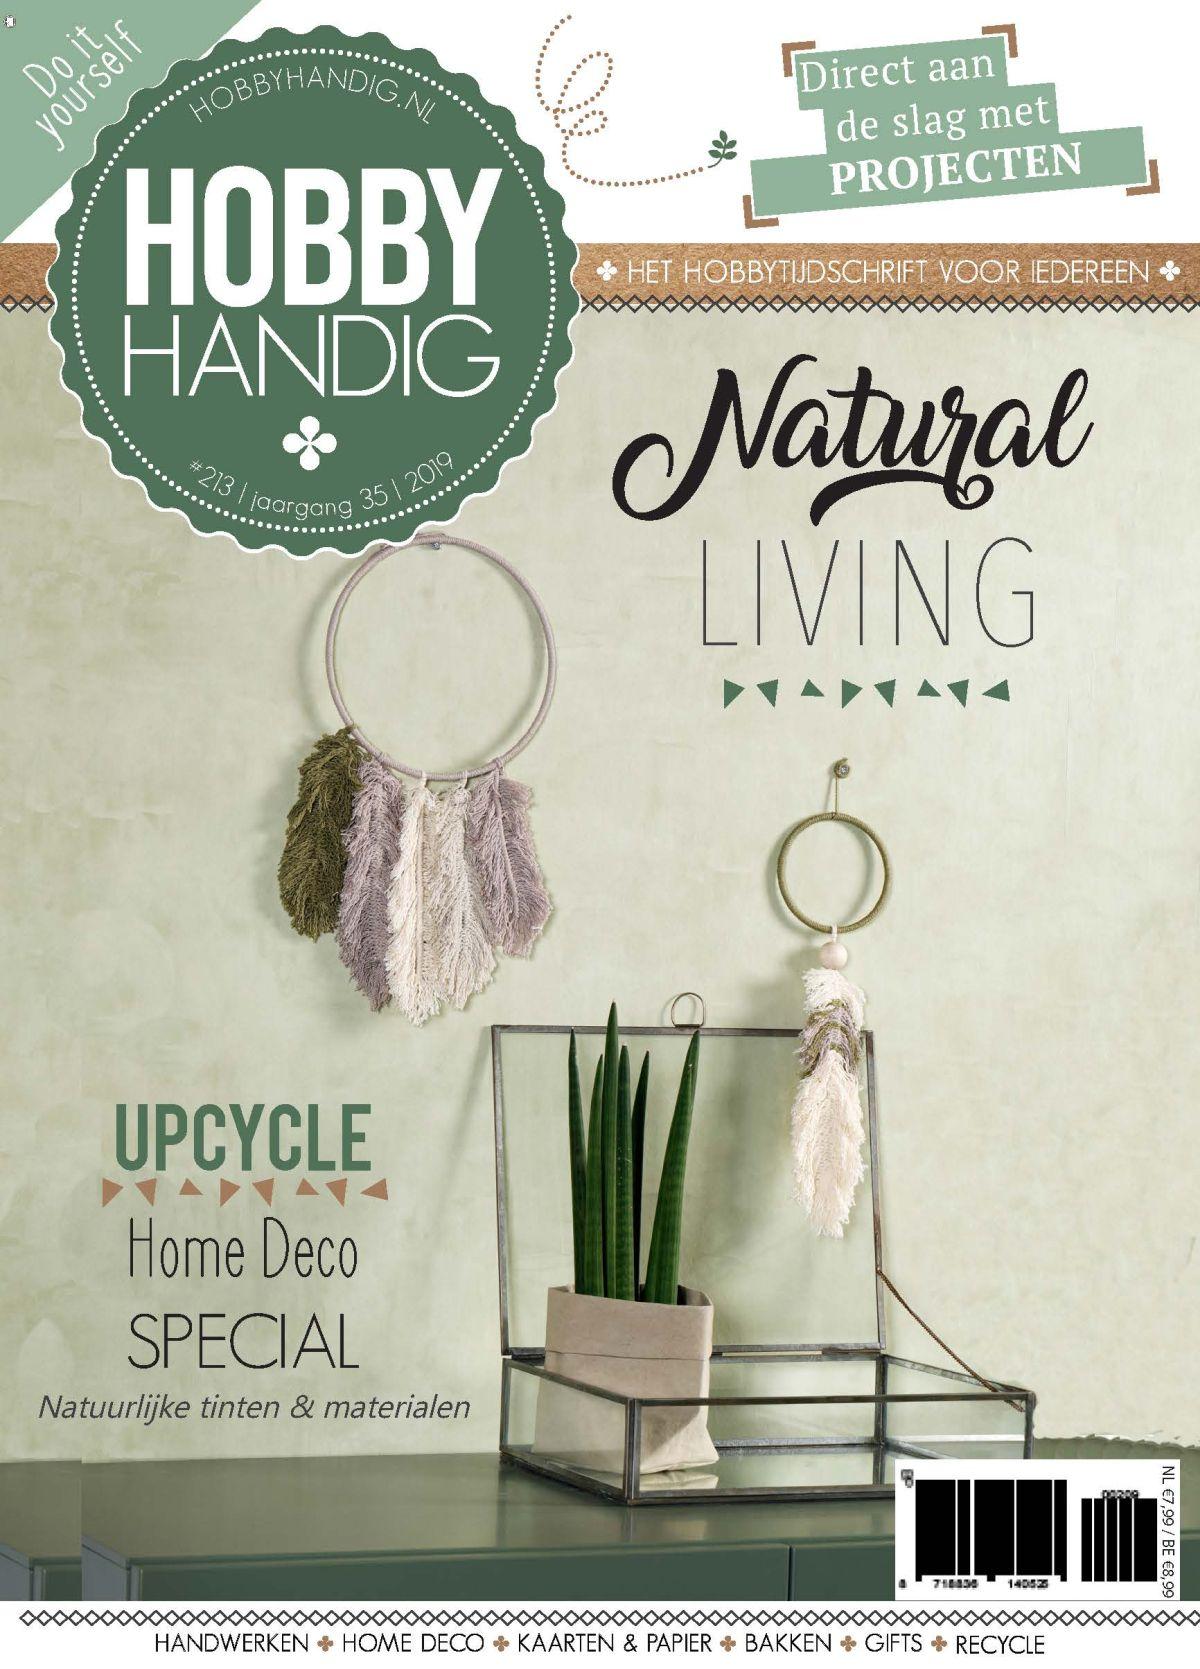 Tijdelijke cover Hobbyhandig 213 special Natural Living